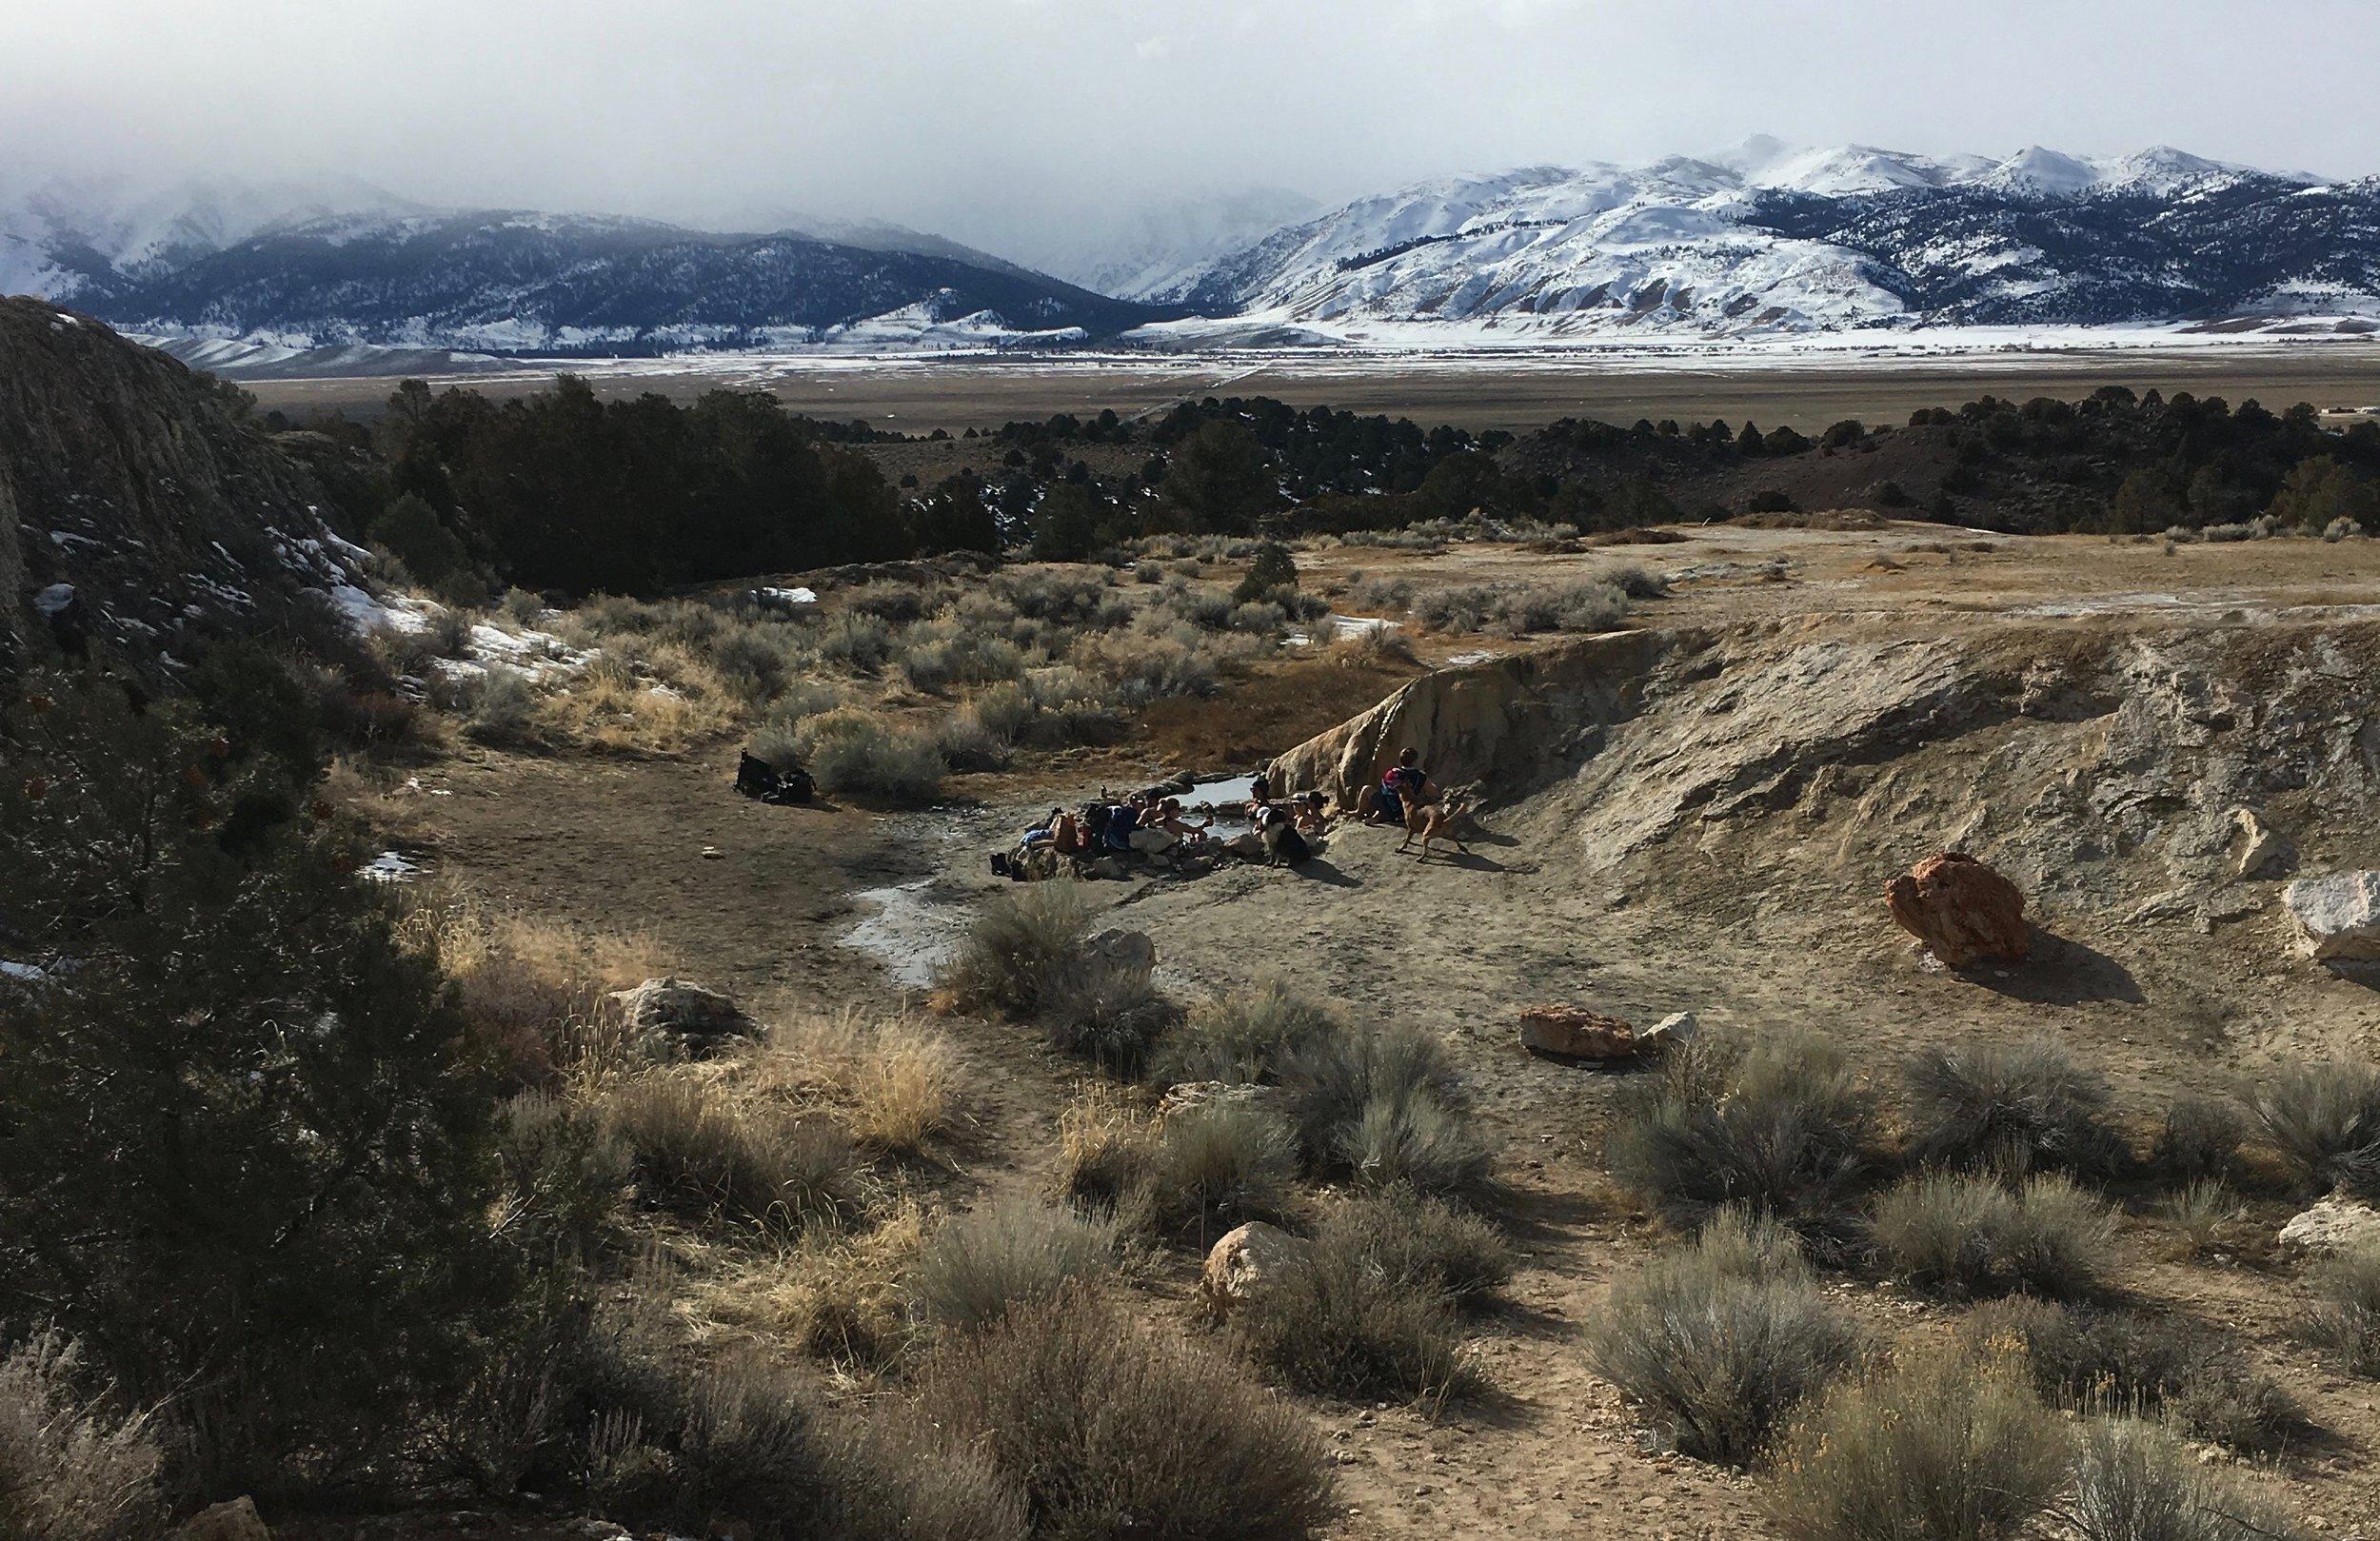 Bridgeport Hot Springs-looking at the socked in Eastern Sierra.